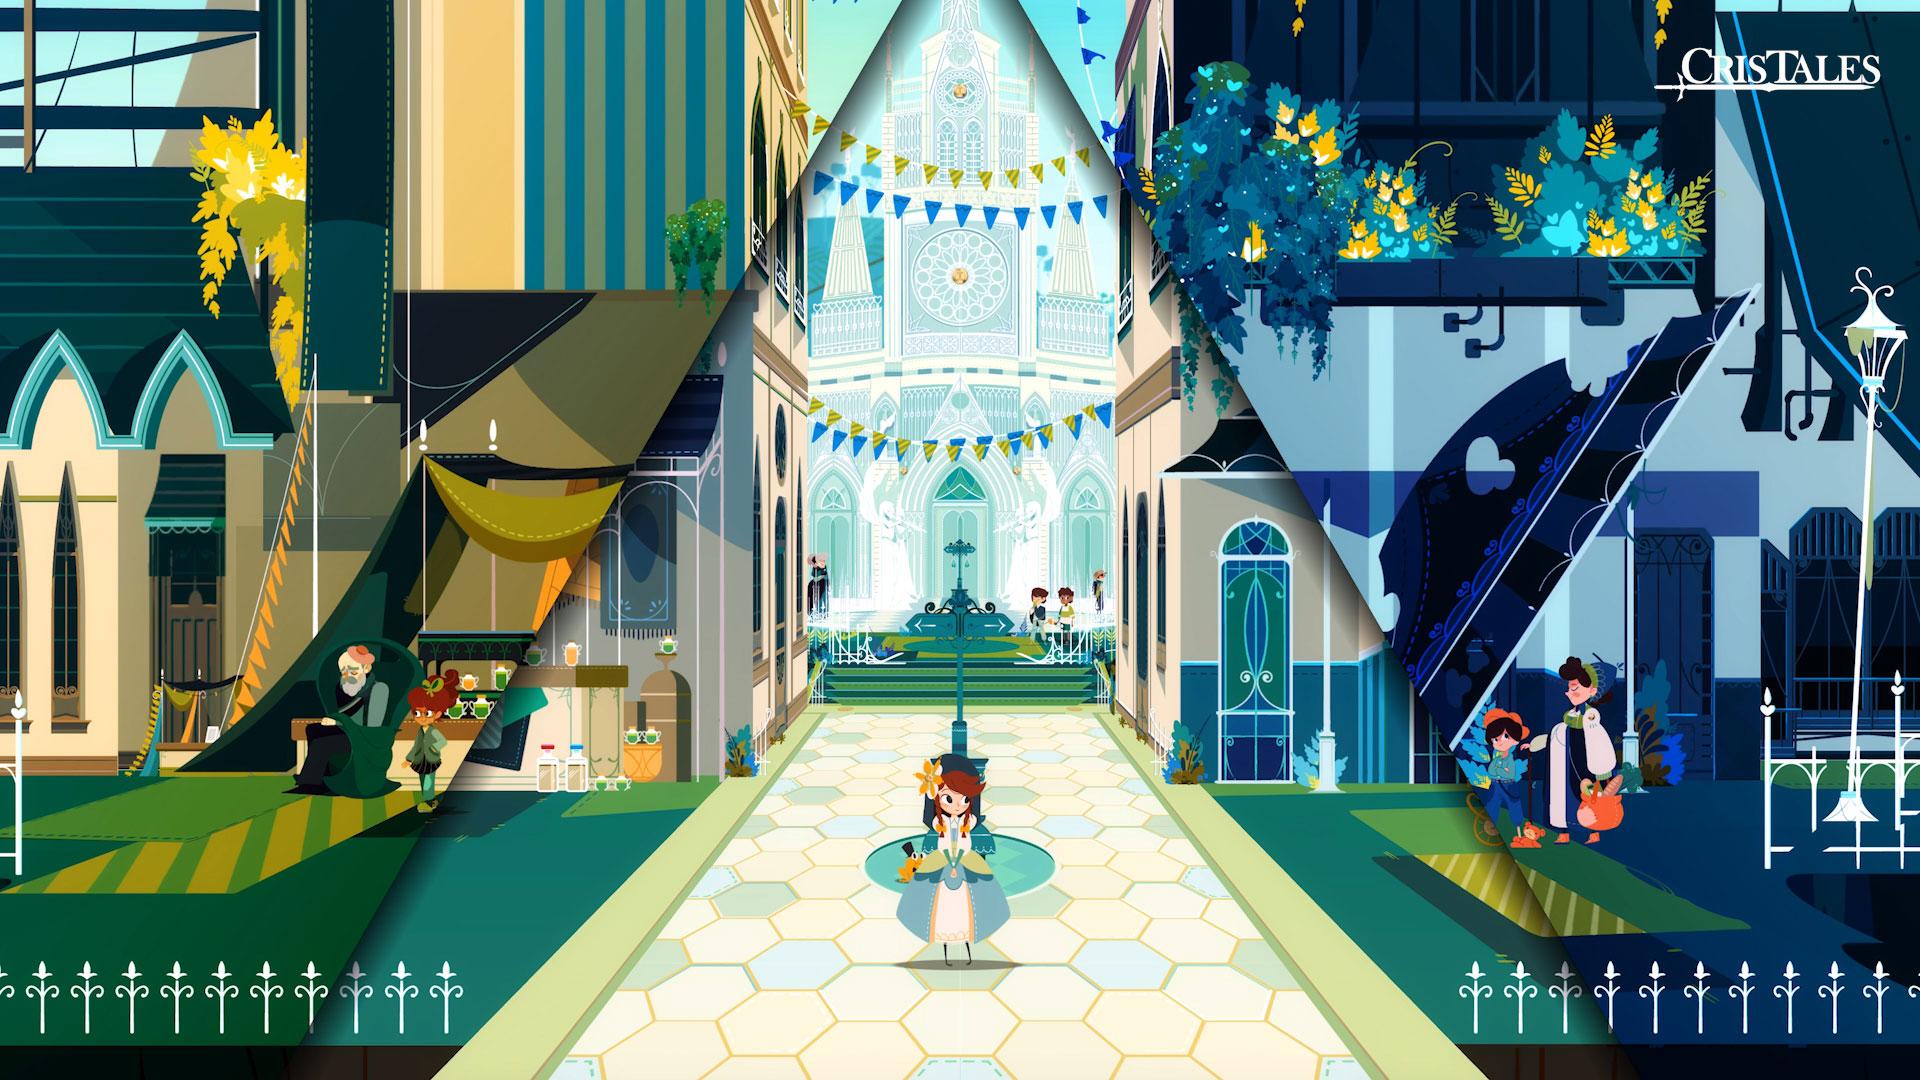 Cris Tales gamescom